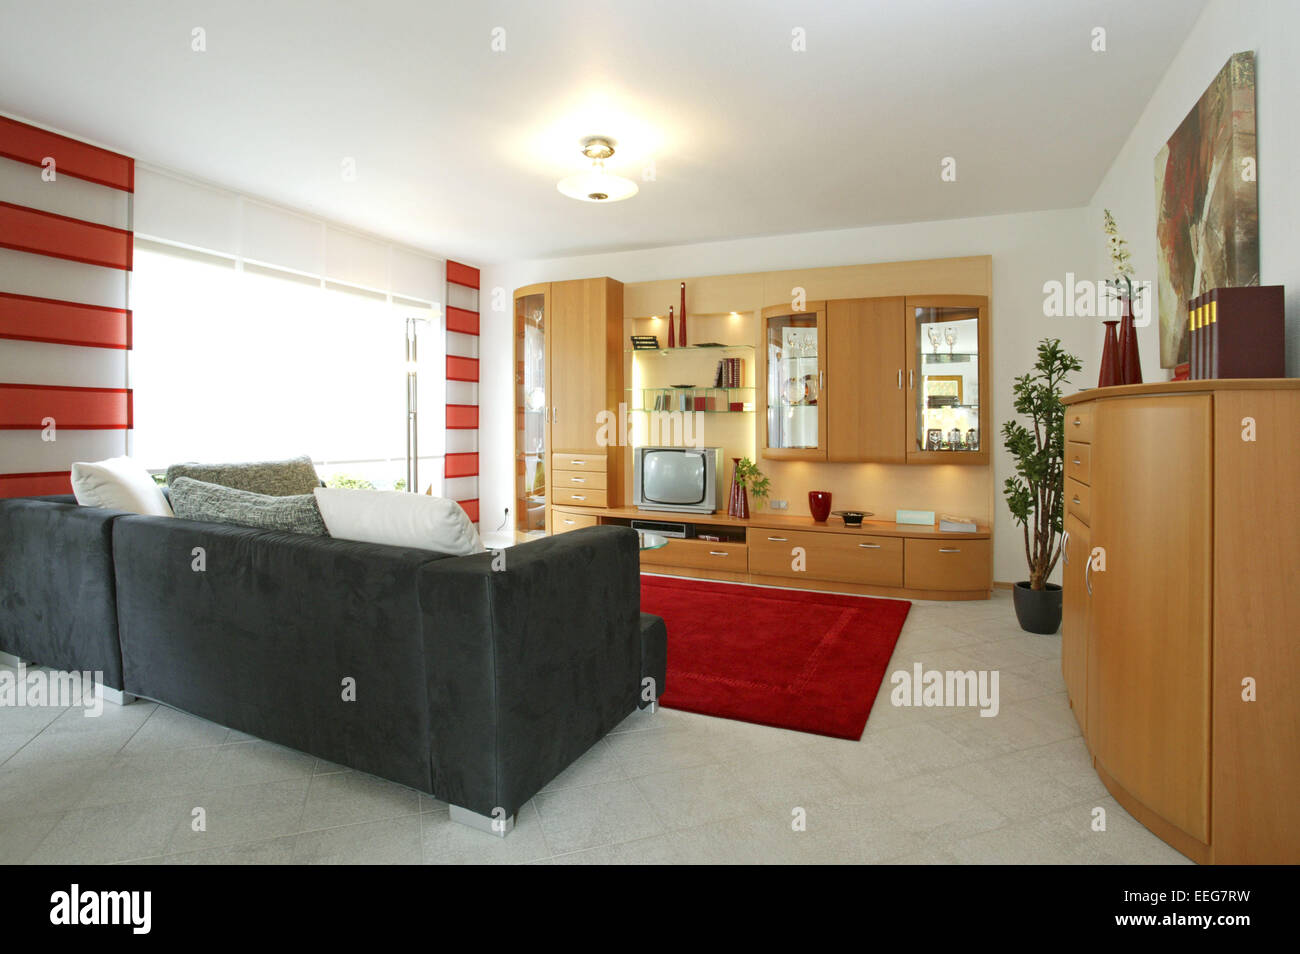 Wohnzimmer Wohnen Innenaufnahme Inneneinrichtung Wohnung Wohnraum  Einrichtung Moebel Mobiliar Modern Interieur Schrank Couch Sof